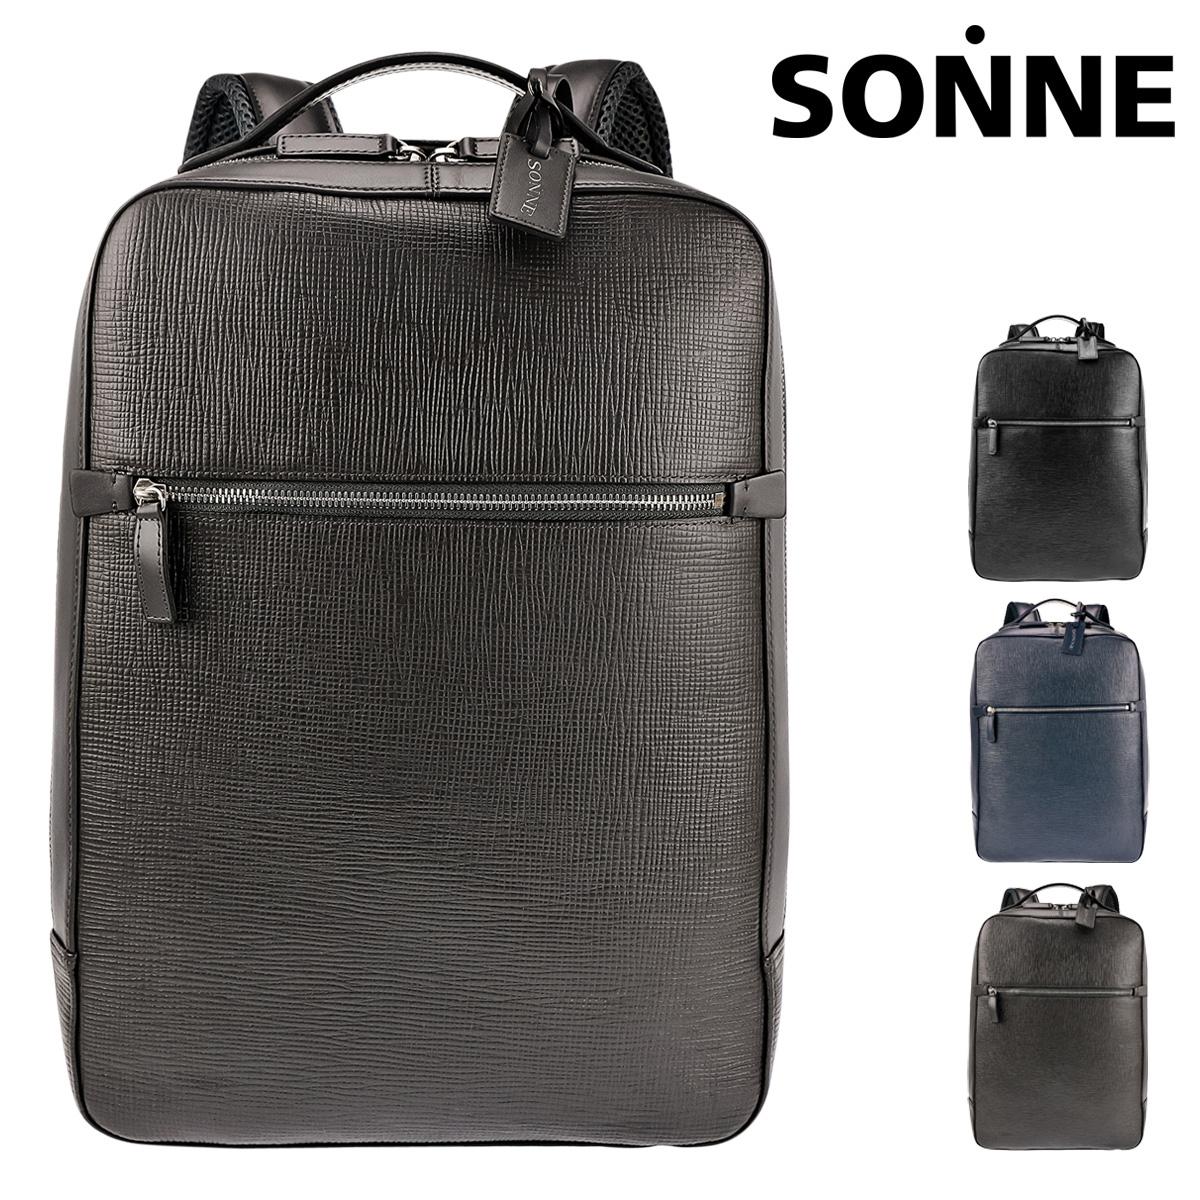 ゾンネ ビジネスバッグ リュック スターク メンズ SOBS003 SONNE | ビジネスバッグ 牛革 本革 レザー [PO10]